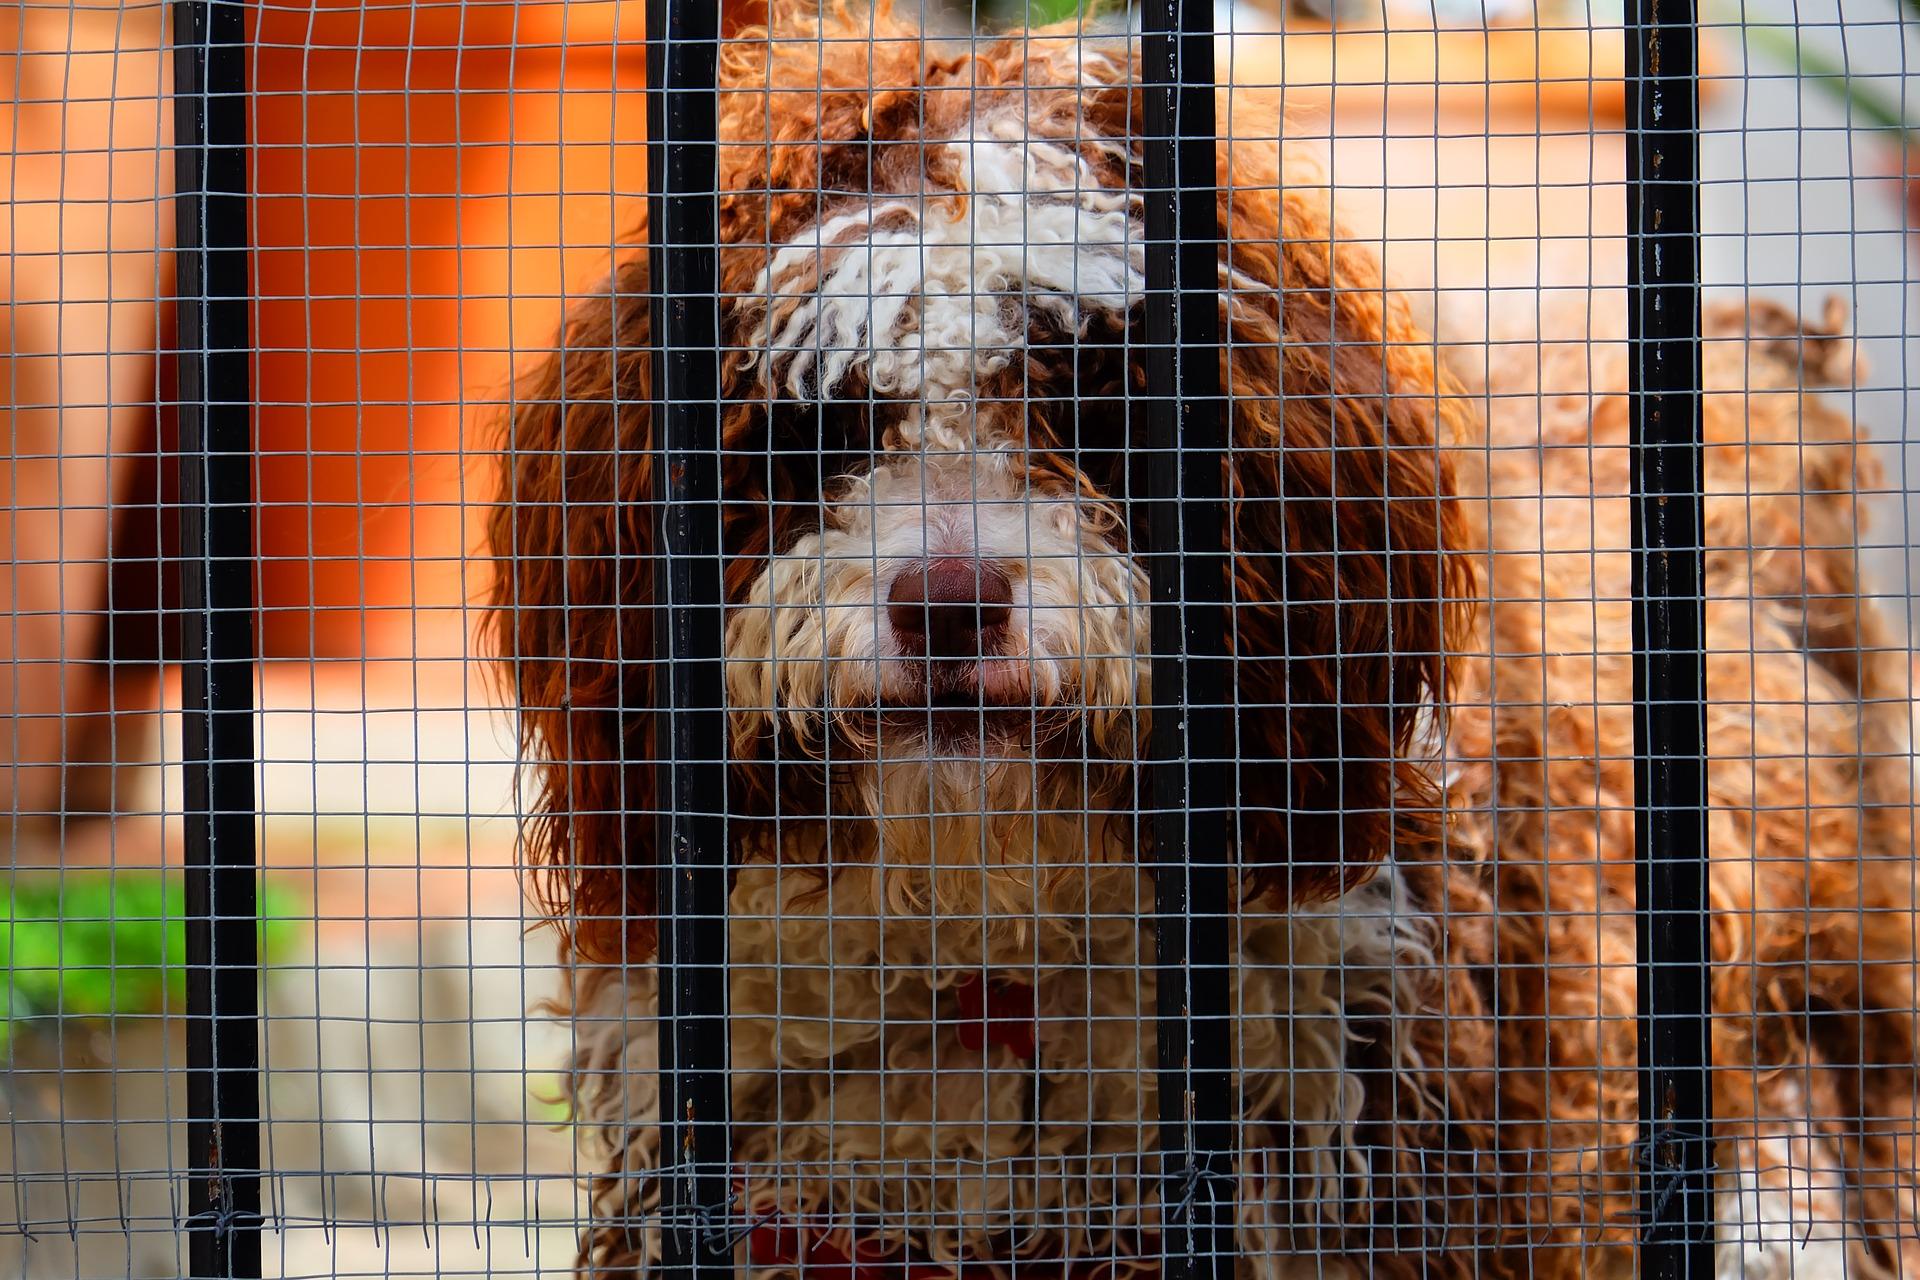 Cachorro dentro de um cercado.